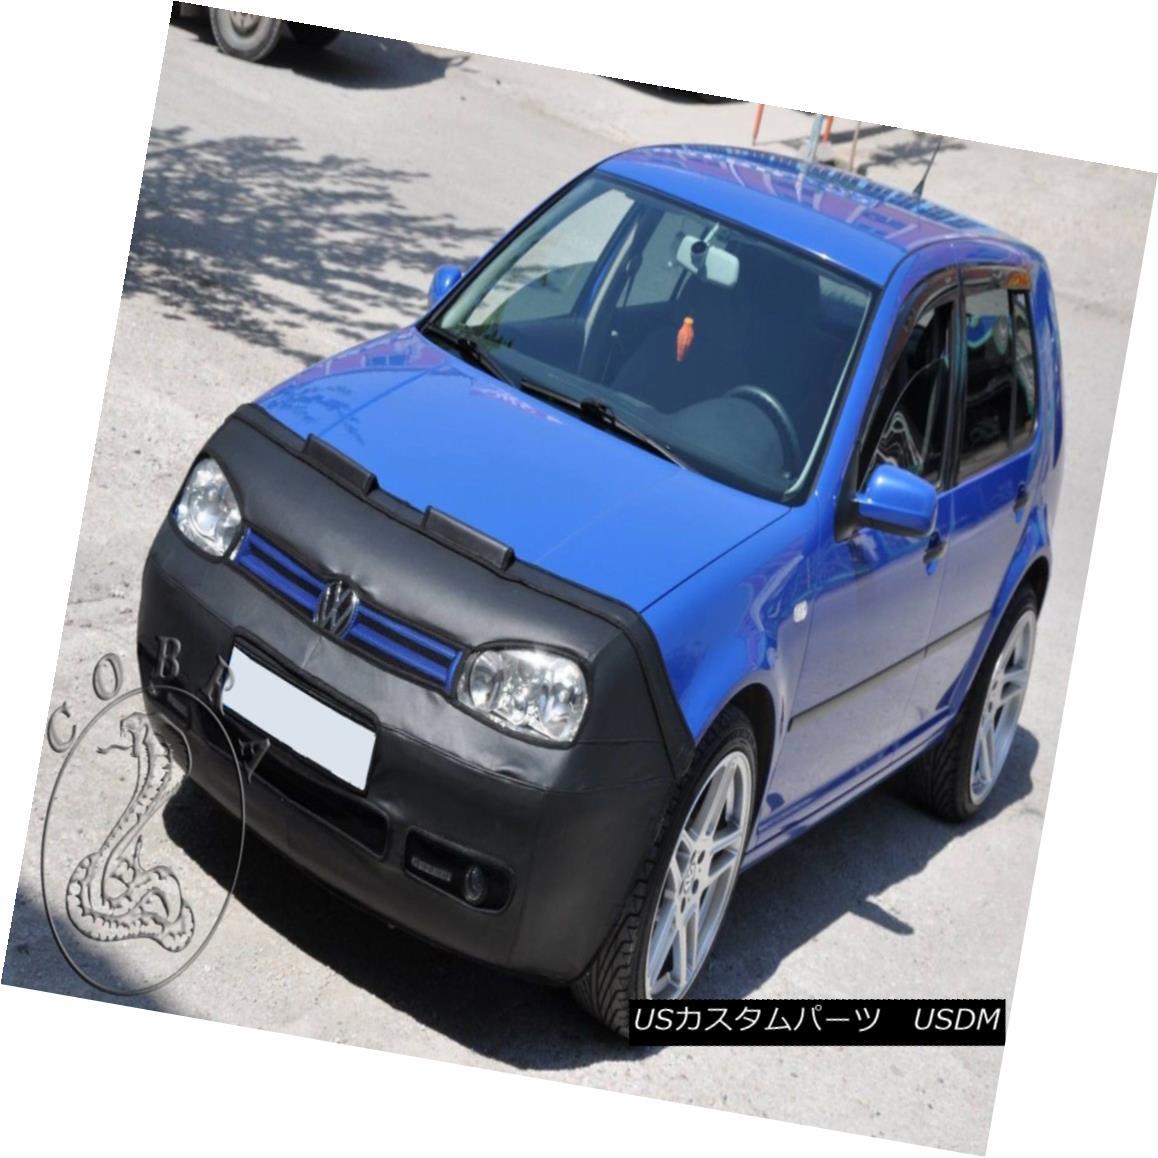 フルブラ ノーズブラ FULL BRA MASK Fits VW Volkswagen Golf 4 IV Rabbit BRA 98 99 00 01 02 03 FULL BRA MASKはVWに適合フォルクスワーゲンゴルフ4 IVウサギBRA 98 99 00 01 02 03